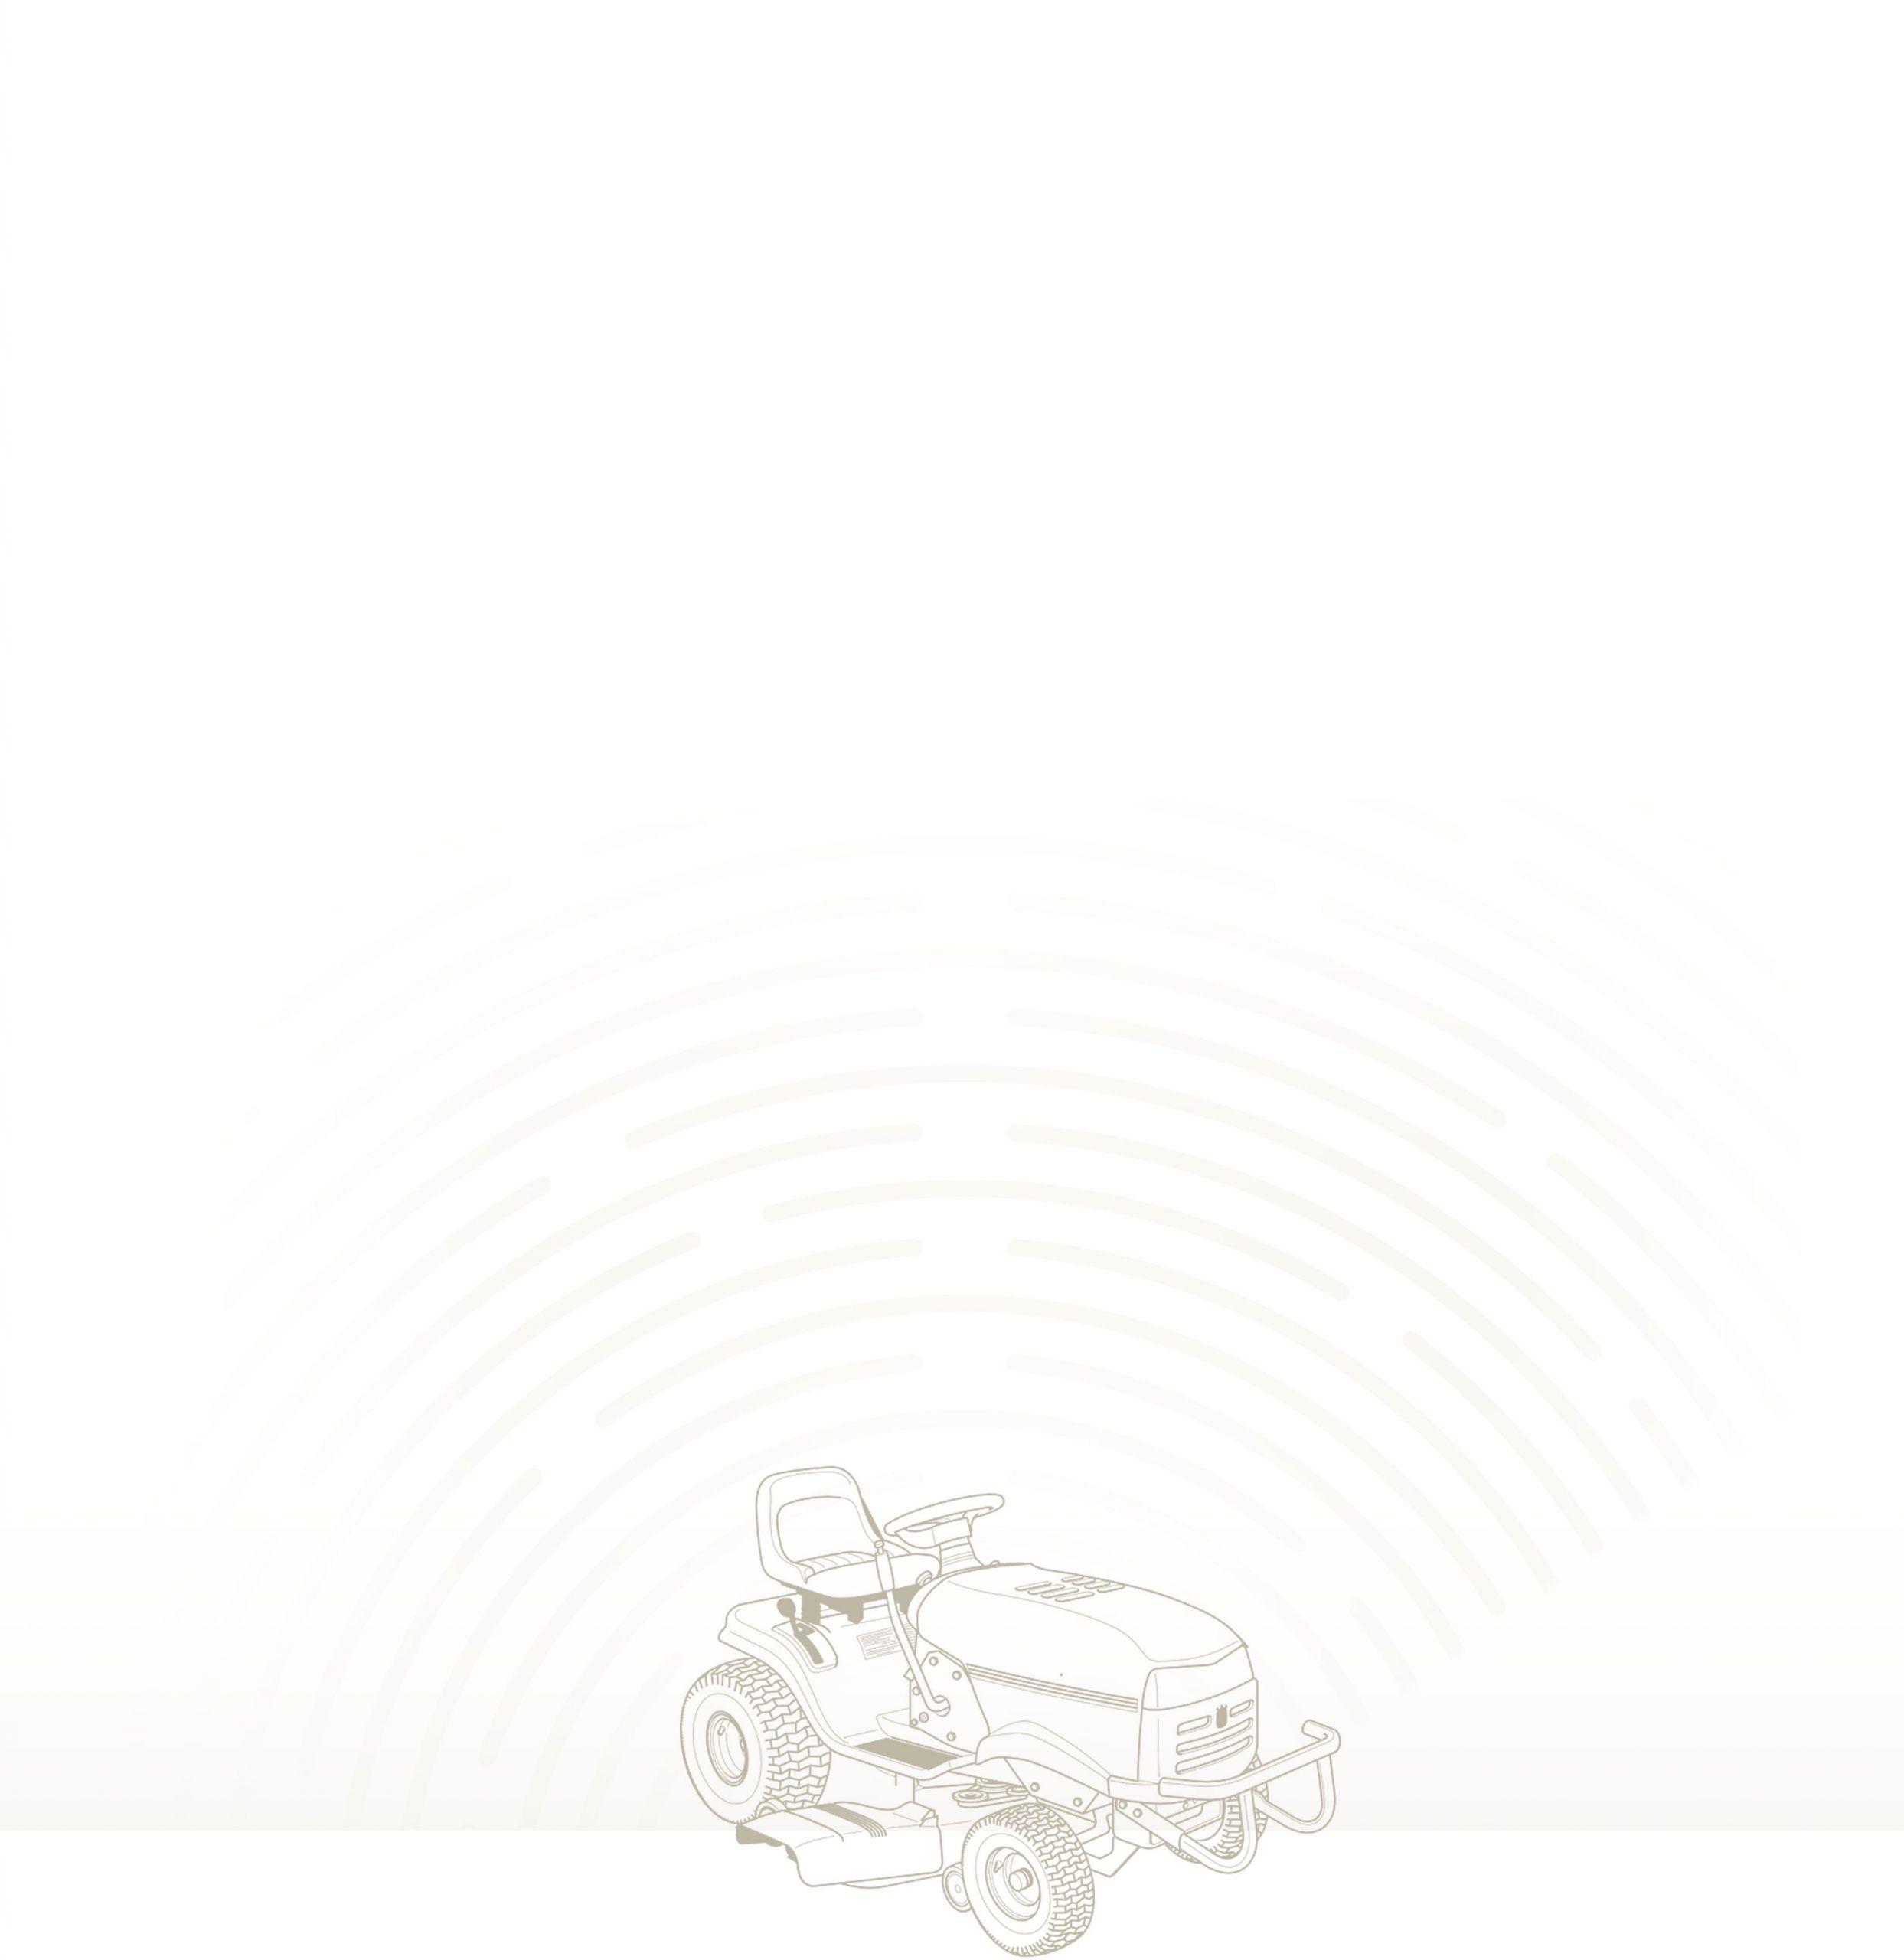 landscaper-home-service-background